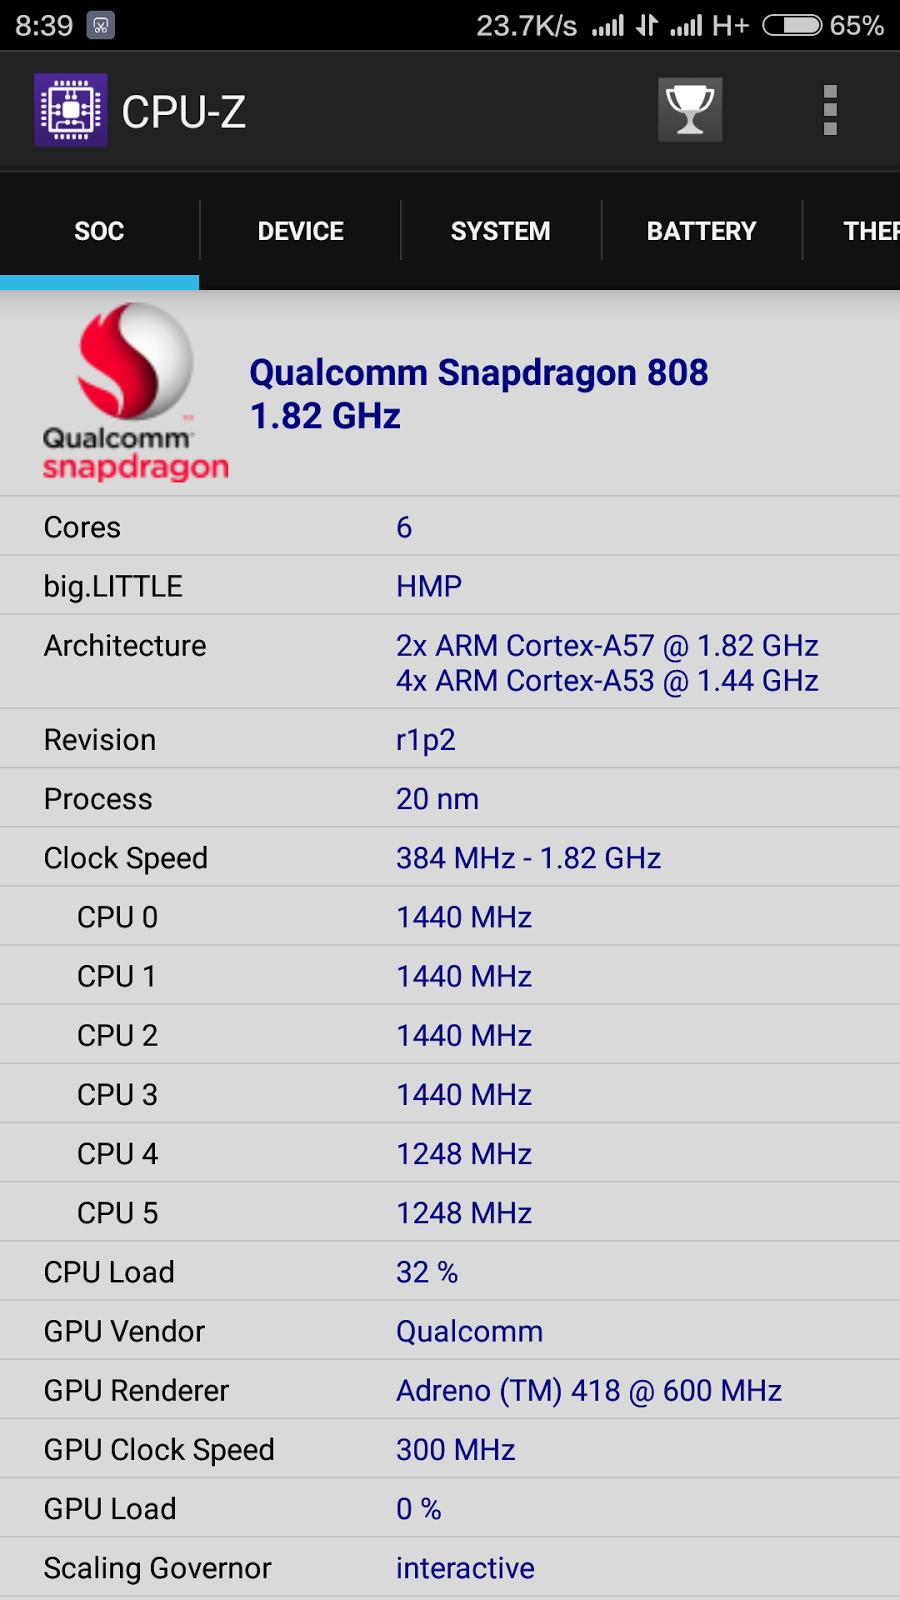 Gonta Ganti Hape Review Xiaomi Mi 4c Bulan Madu Yang Keterusan Redmi 2 Prime Ram 2gb Rom 16 Gb Garansi Distributor Informasi Hardware